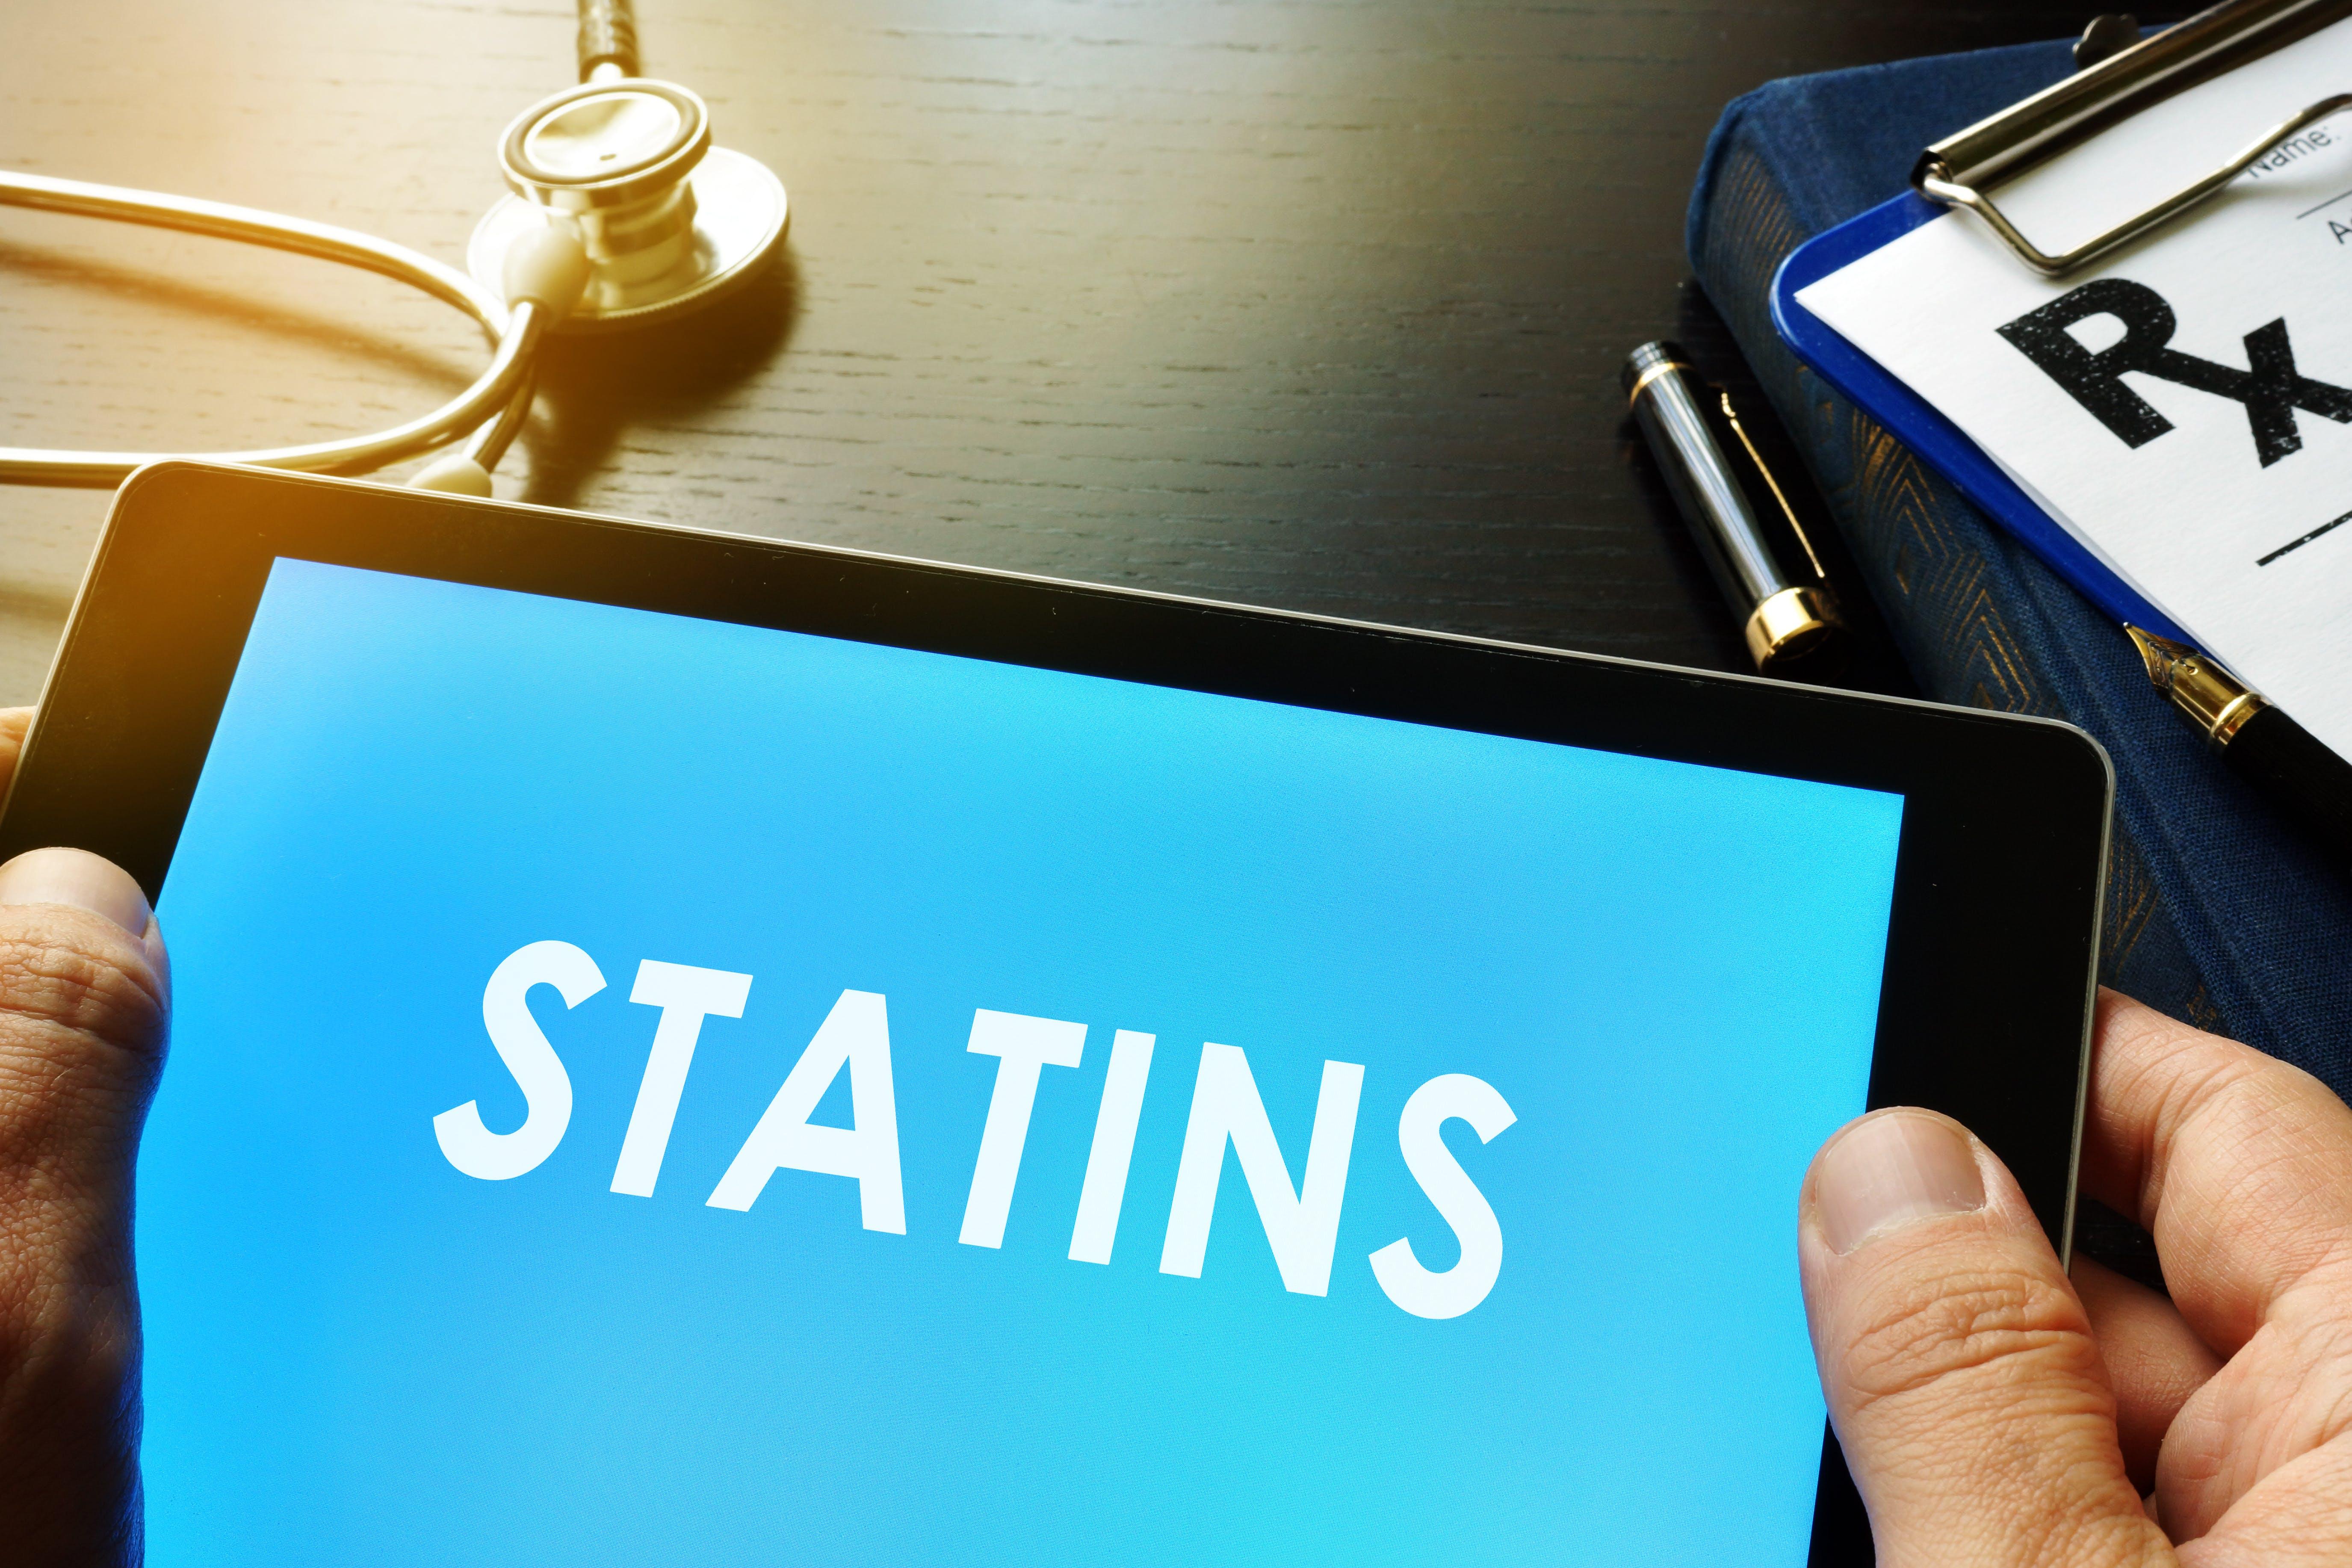 ¿Realmente necesitas esas estatinas?